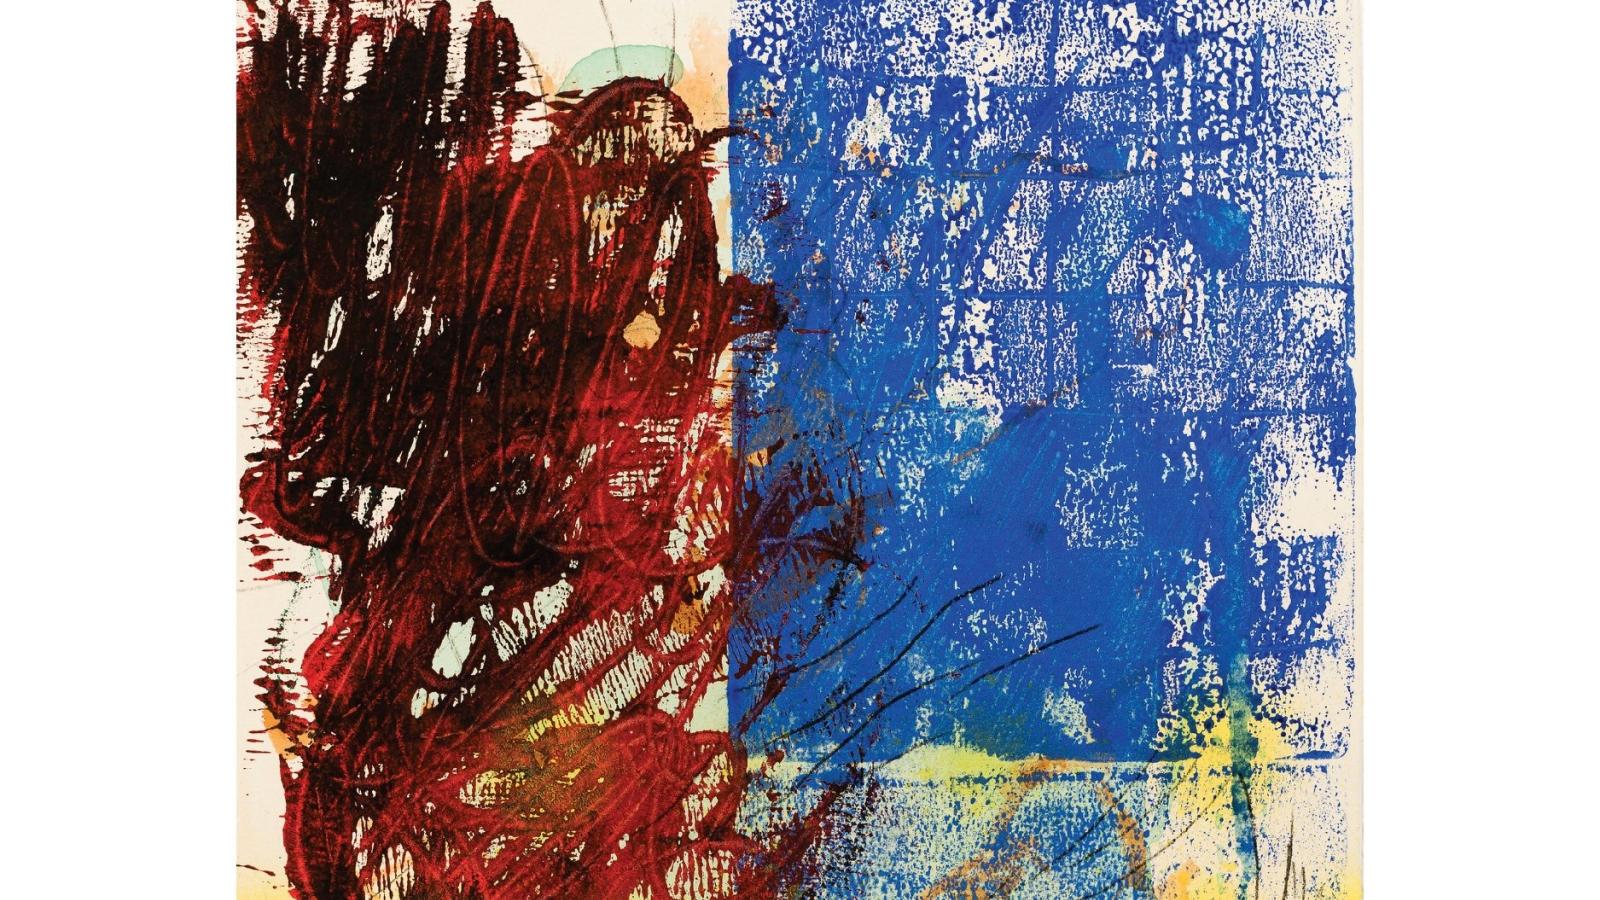 """Triển lãm nghệ thuật đương đại, đa chất liệu """"Gió đầu mùa - Khơi miền sáng tạo"""""""